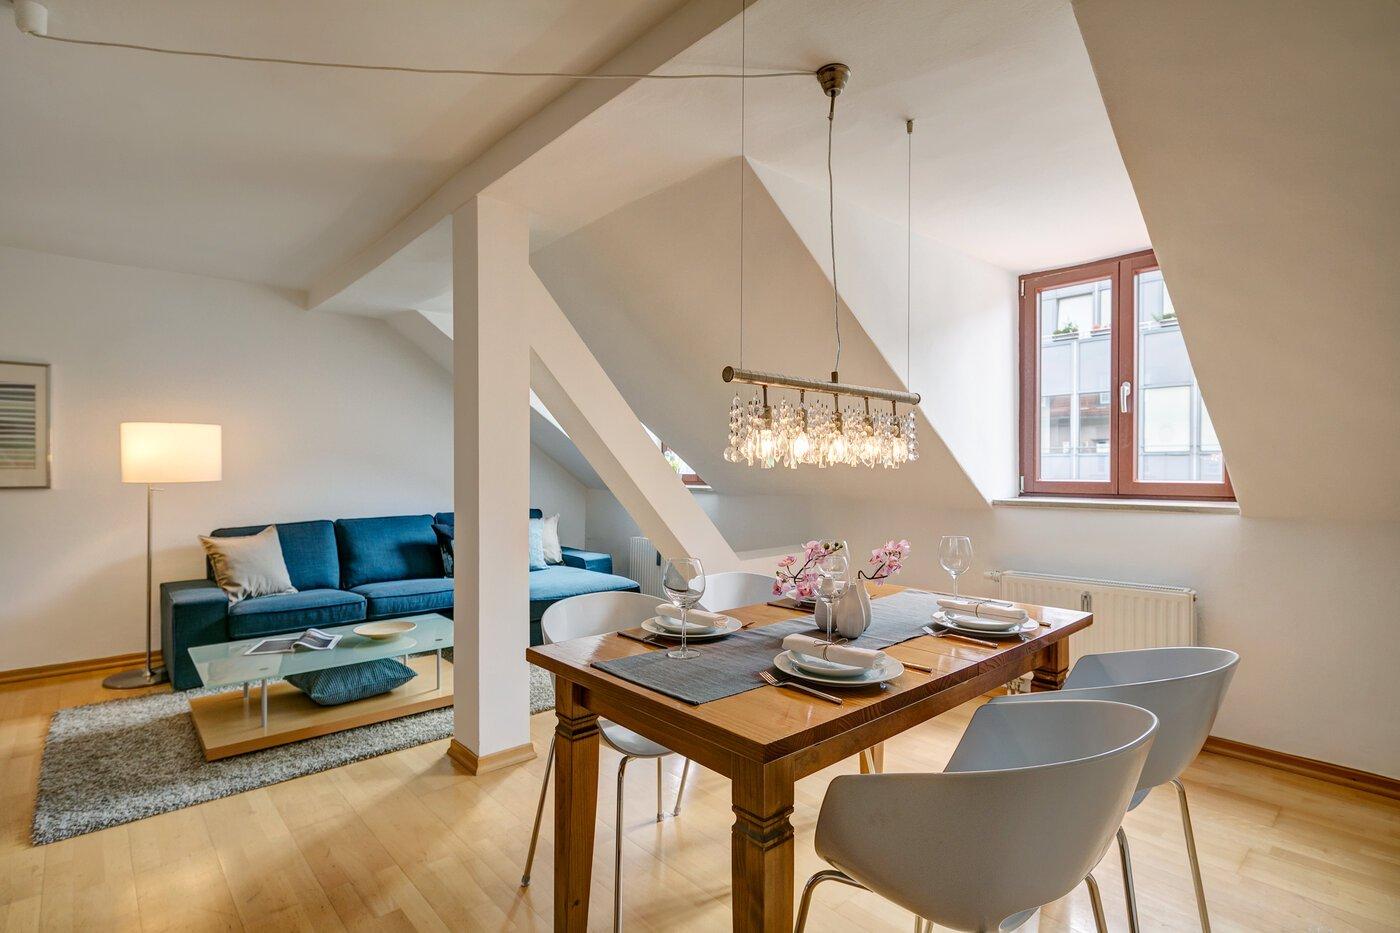 2 zimmer wohnung m bliert gro er flachbildfernseher m nchen maxvorstadt 3512. Black Bedroom Furniture Sets. Home Design Ideas